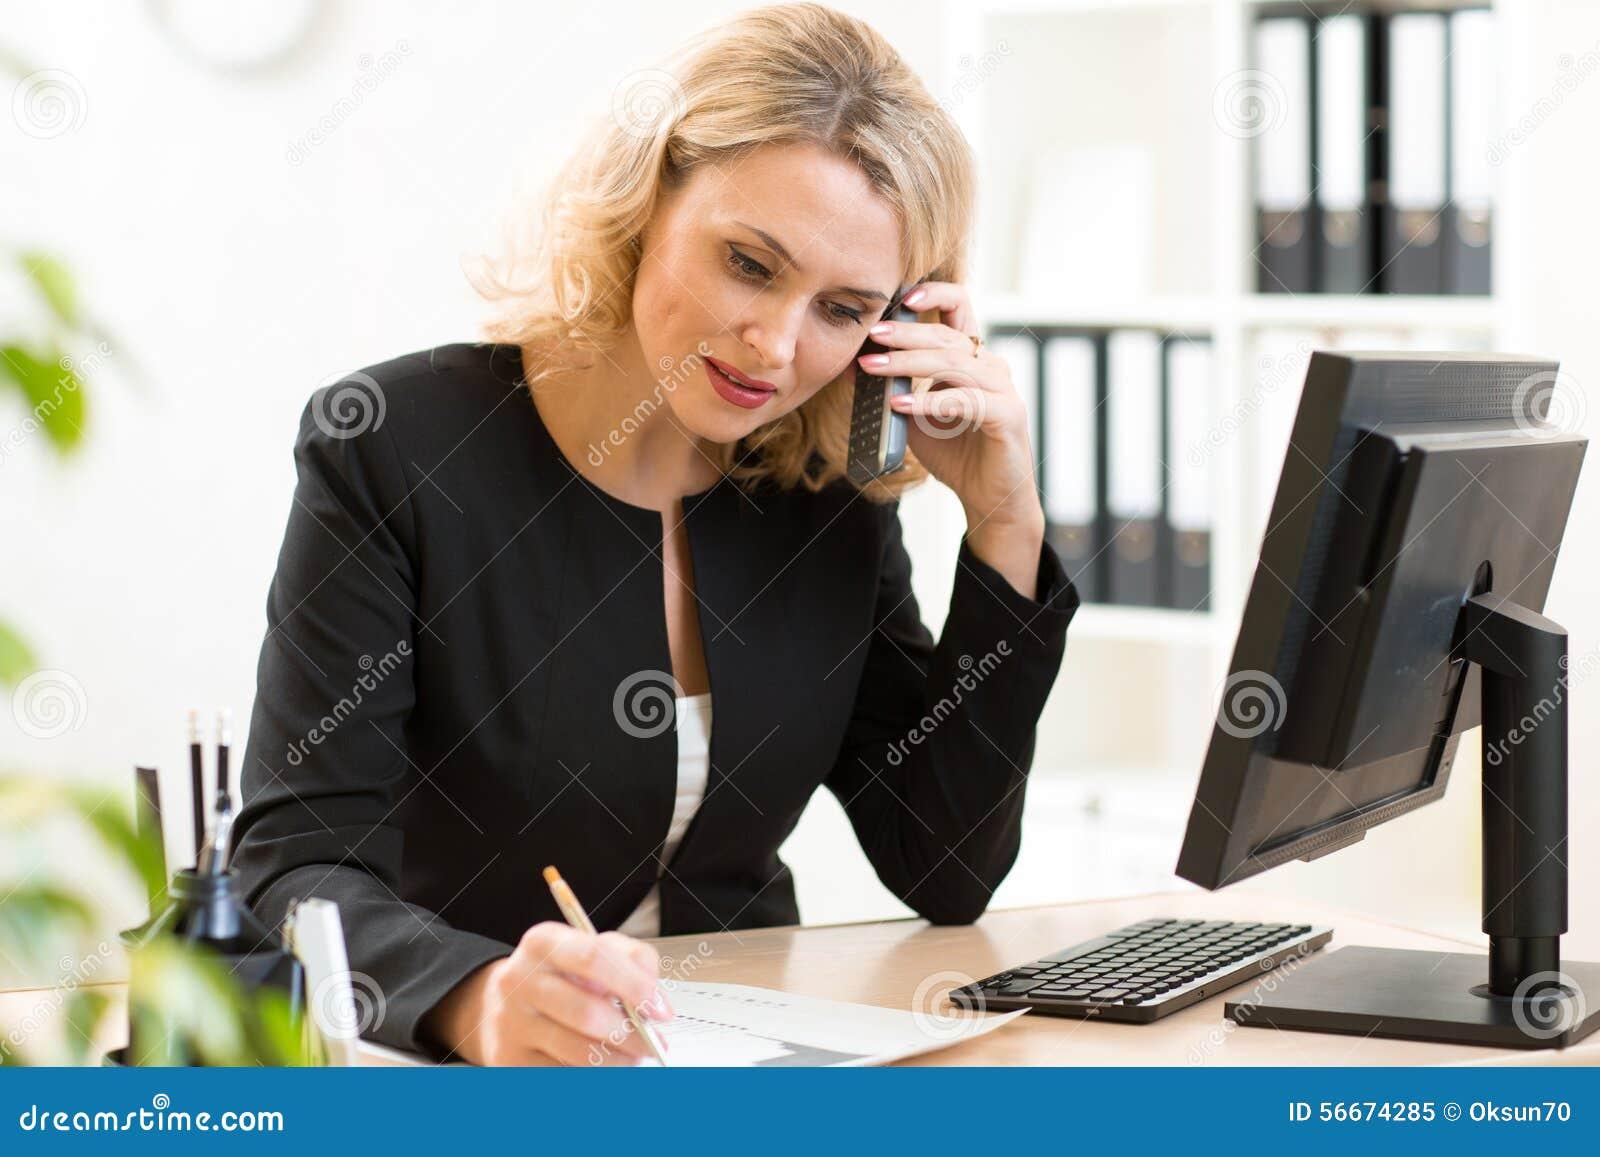 femme d 39 affaires de moyen ge parlant au t l phone portable dans le bureau verticale de femme de. Black Bedroom Furniture Sets. Home Design Ideas